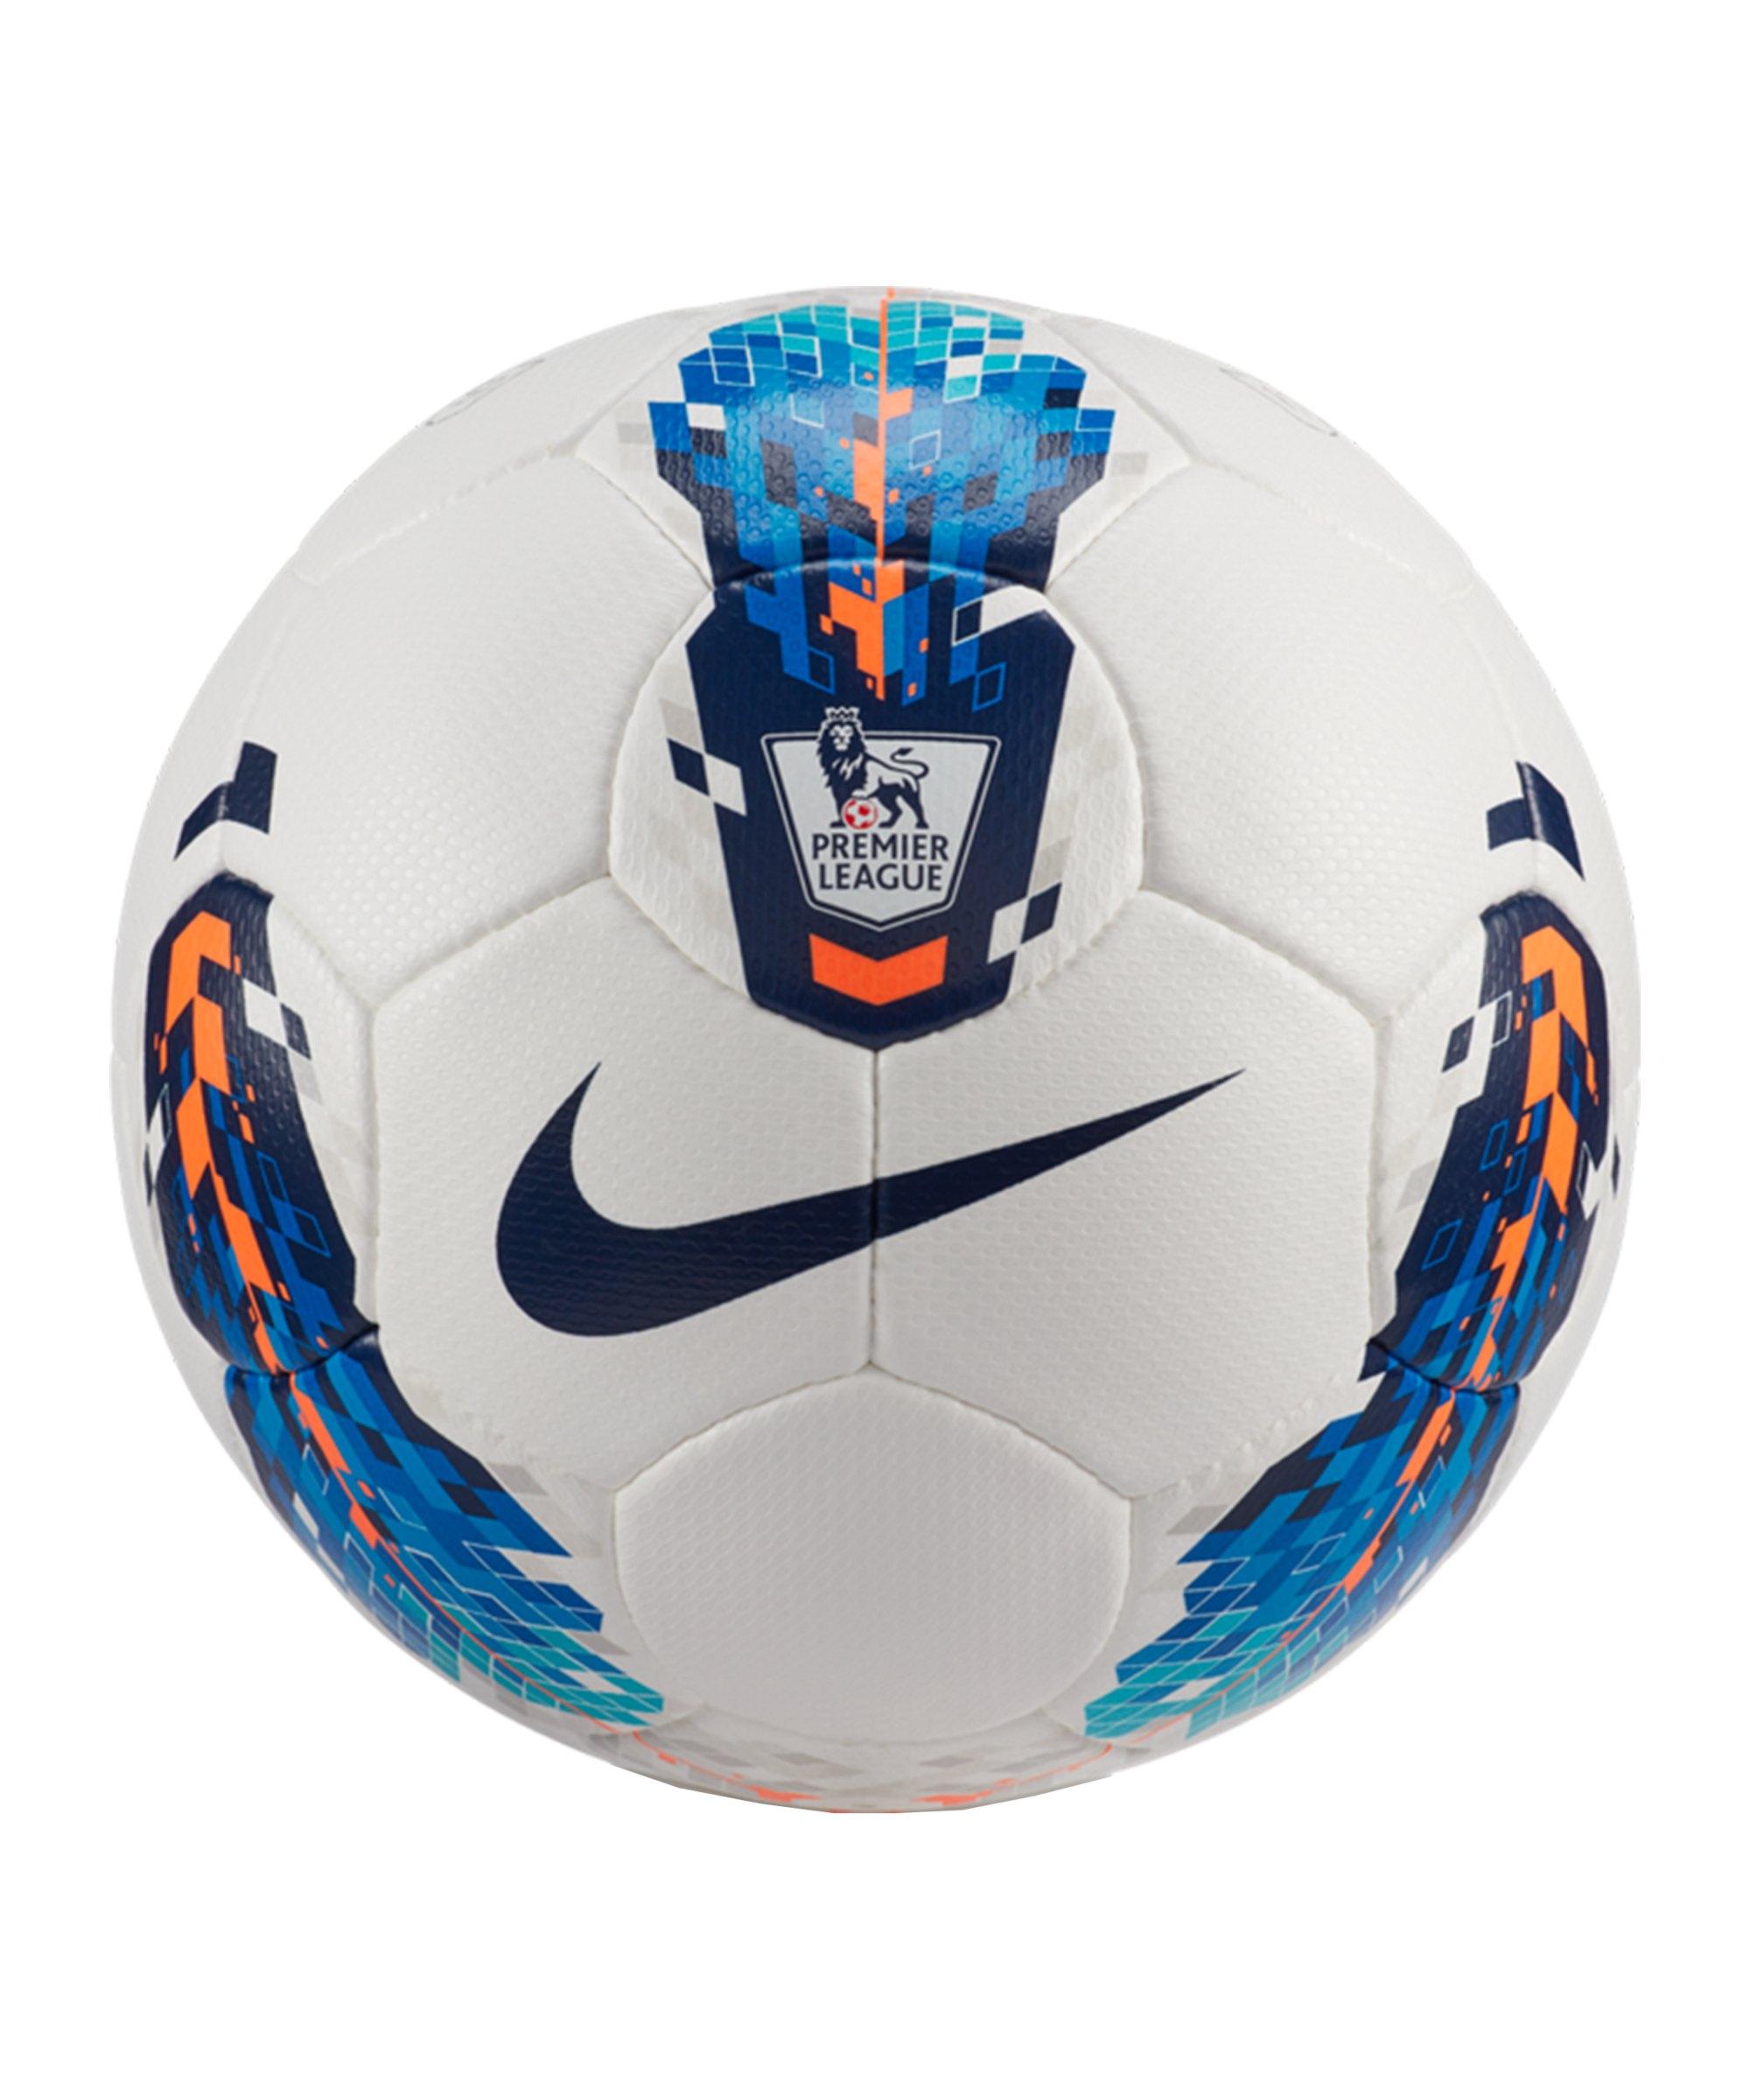 Nike Seitiro Premier League Spielball Weiss F100 - weiss